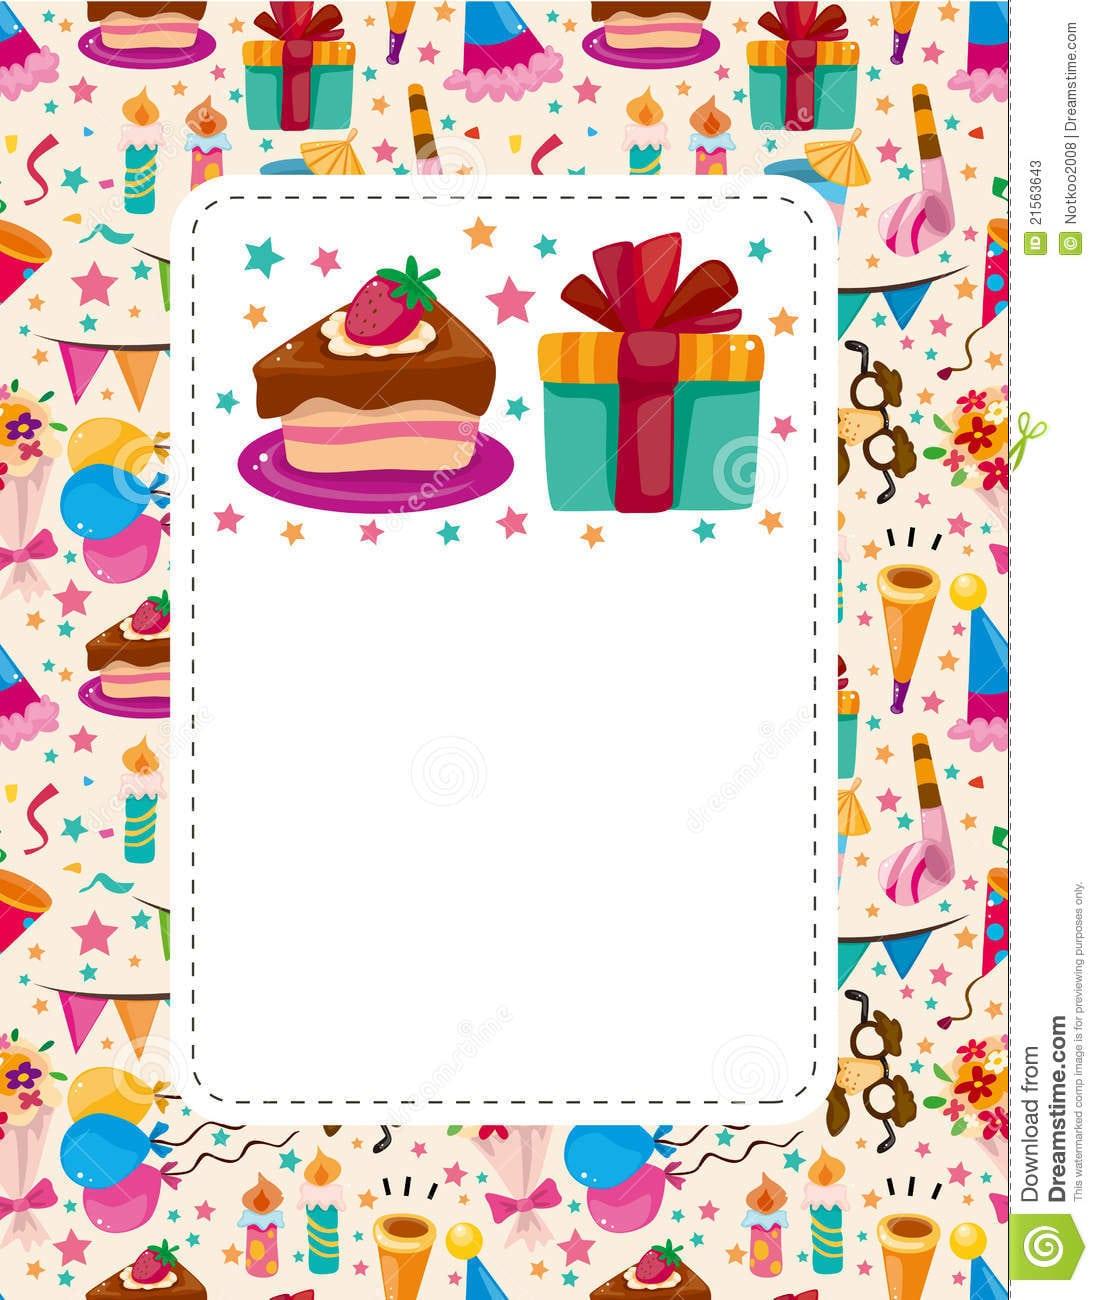 Cartão De Aniversário Dos Desenhos Animados Fotos De Stock